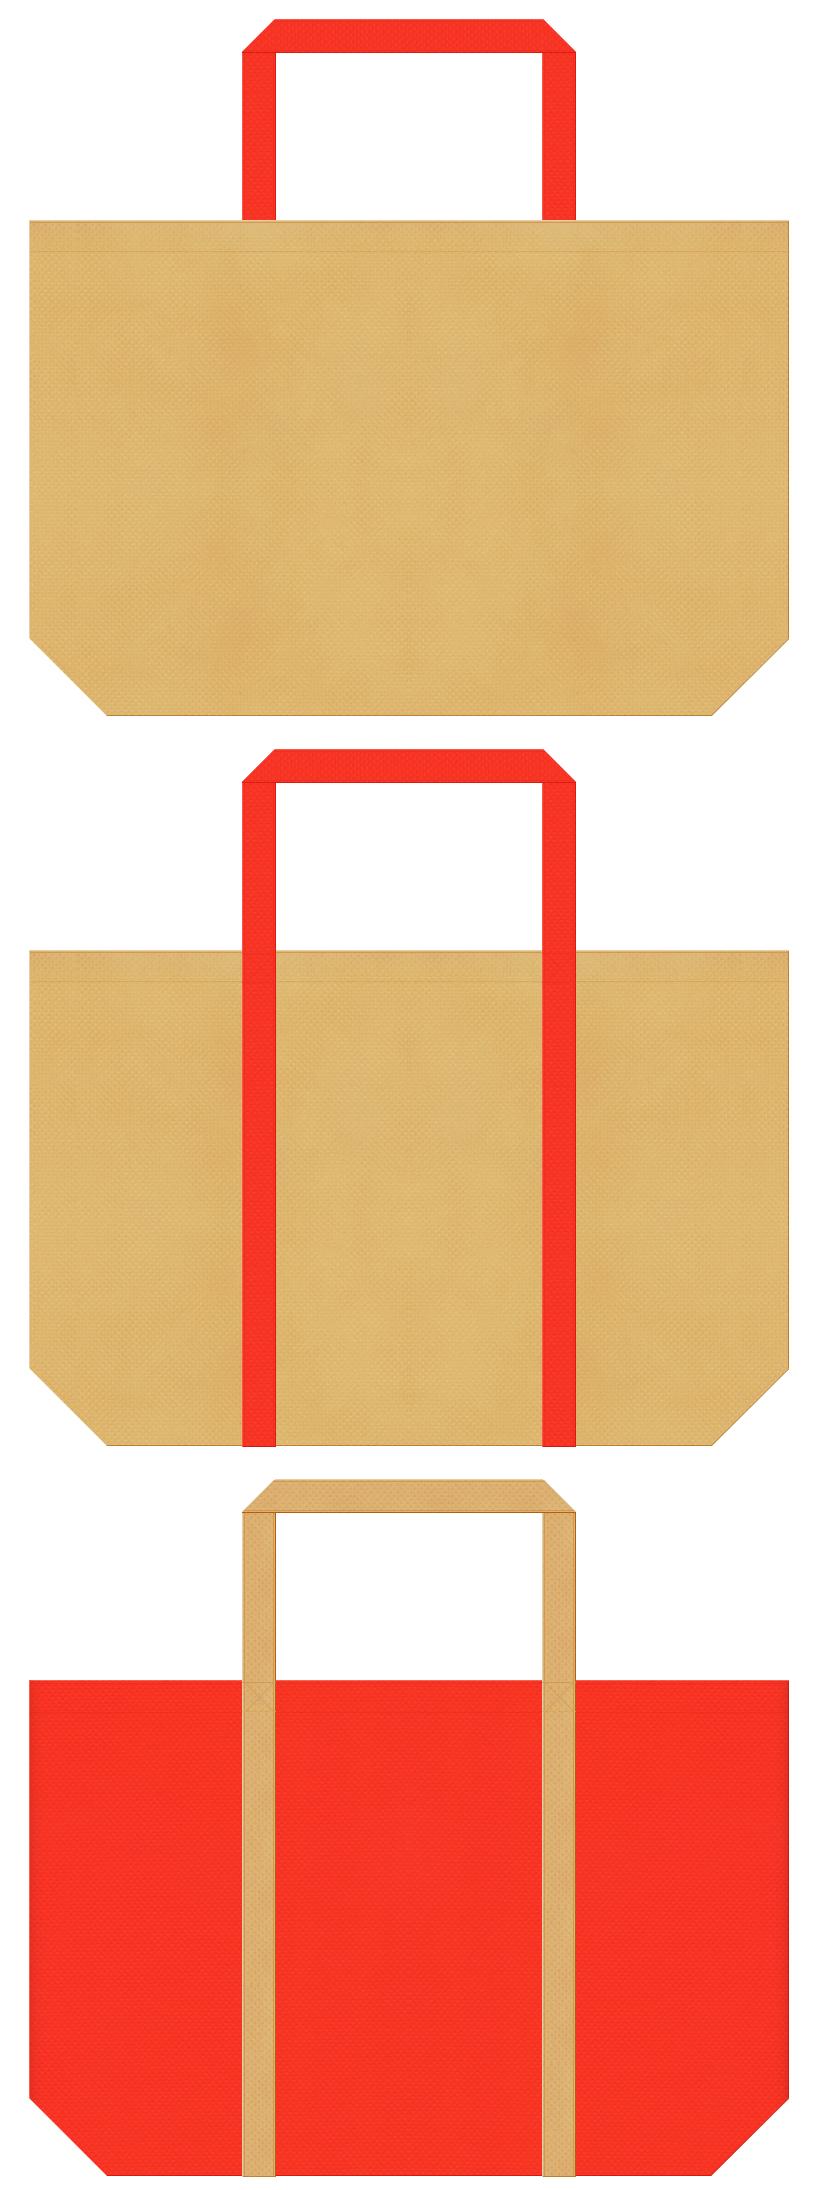 薄黄土色とオレンジ色の不織布ショッピングバッグデザイン。レシピ・お料理教室のノベルティにお奨めです。